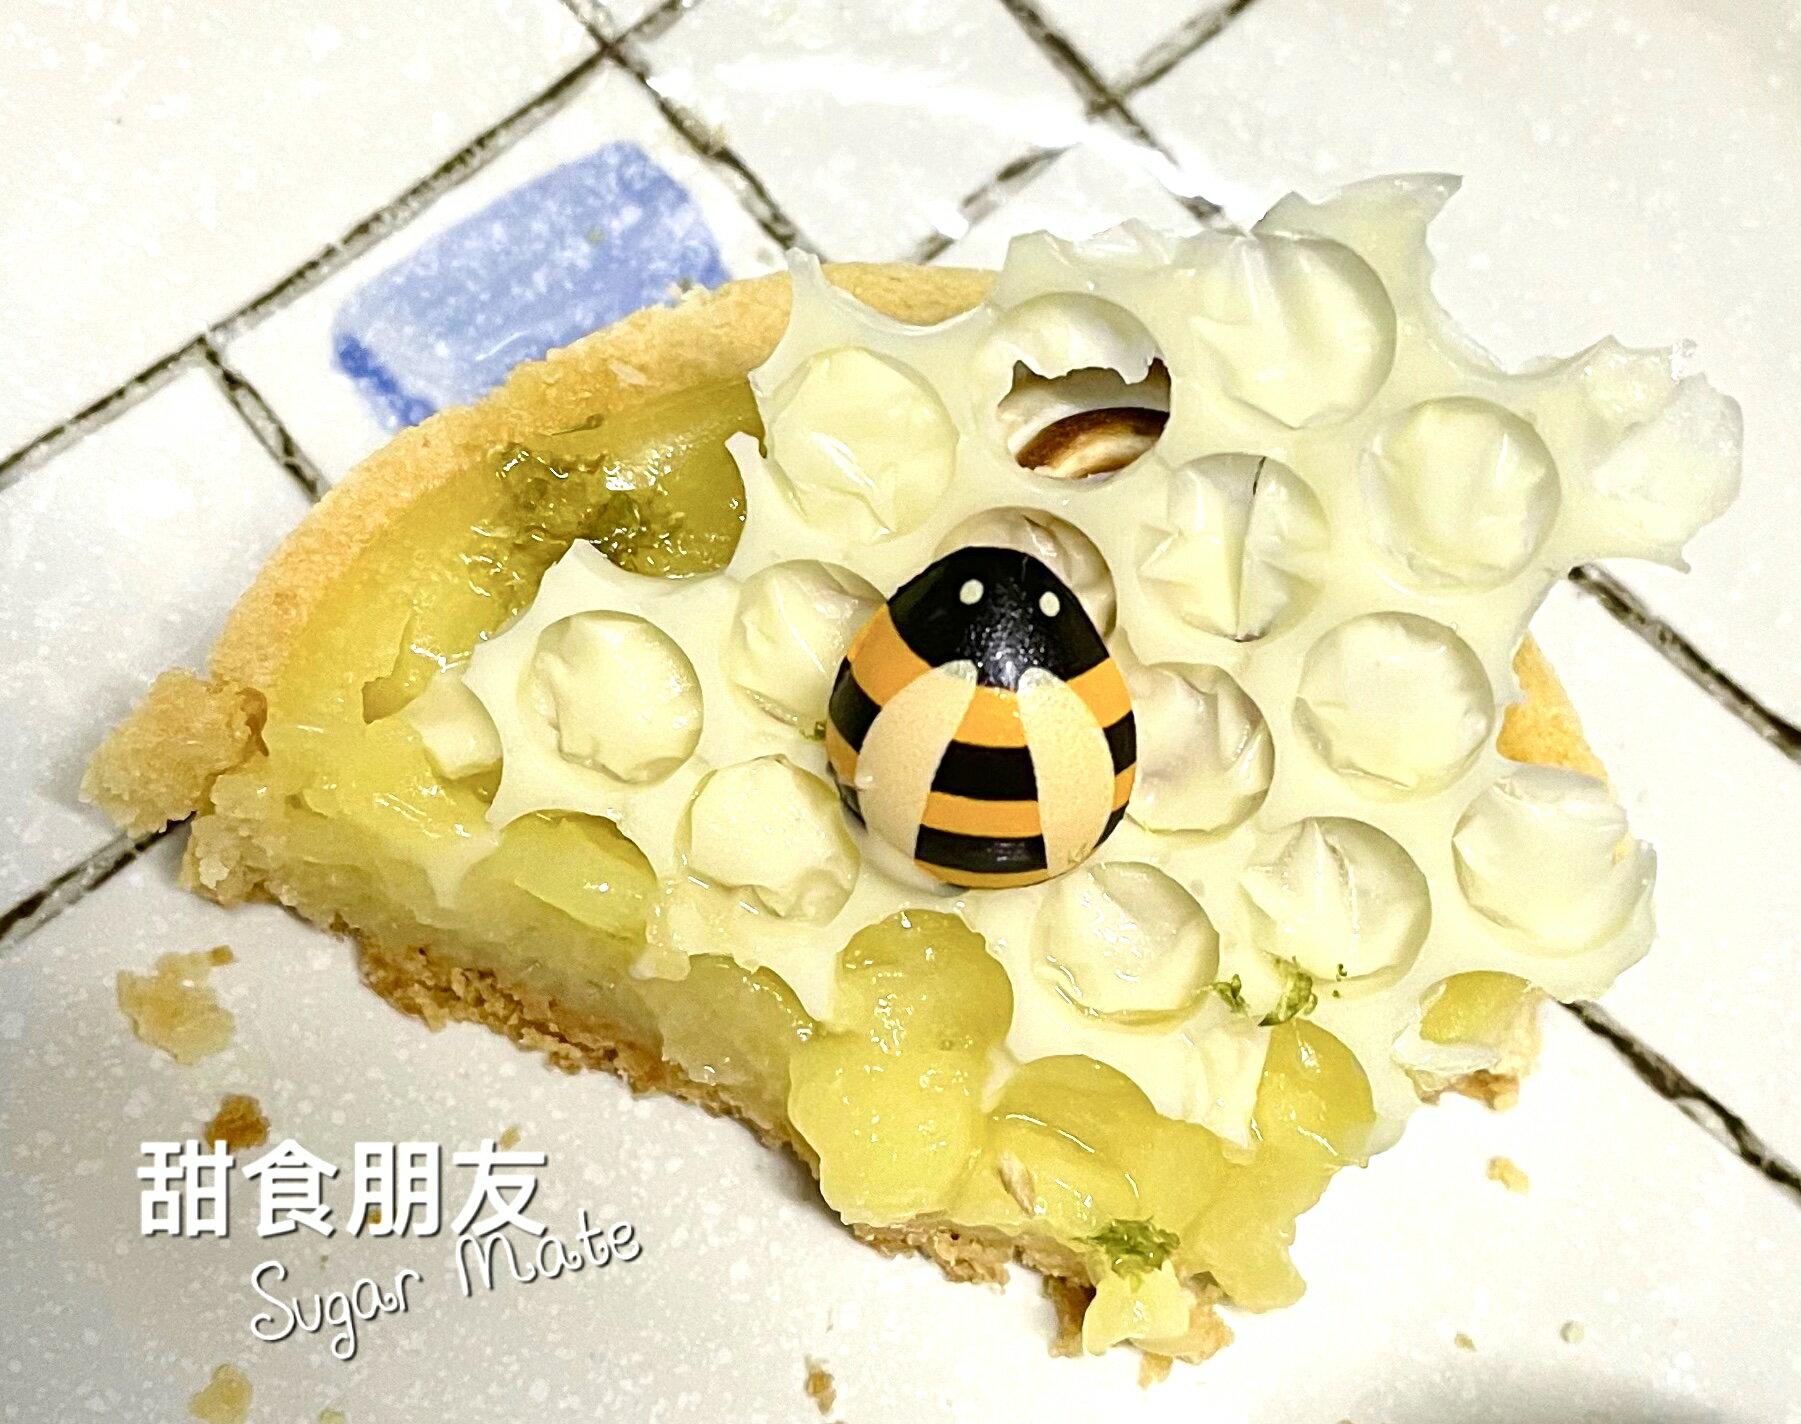 「甜食朋友」蜂寧塔 8吋 禮盒 生日蛋糕 檸檬塔 檸檬派